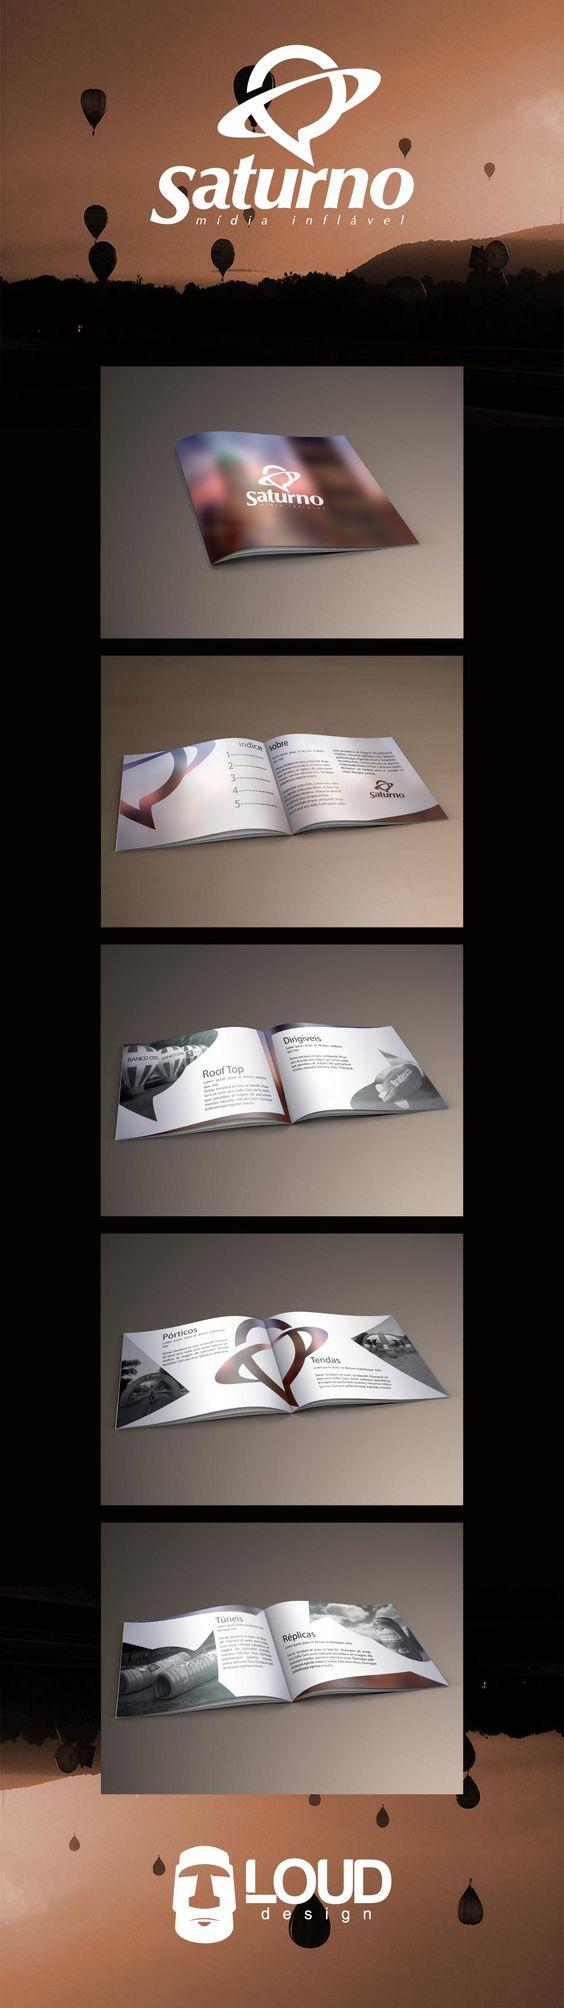 Desenvolvimento de catalogo para Saturno Mídias Infláveis.